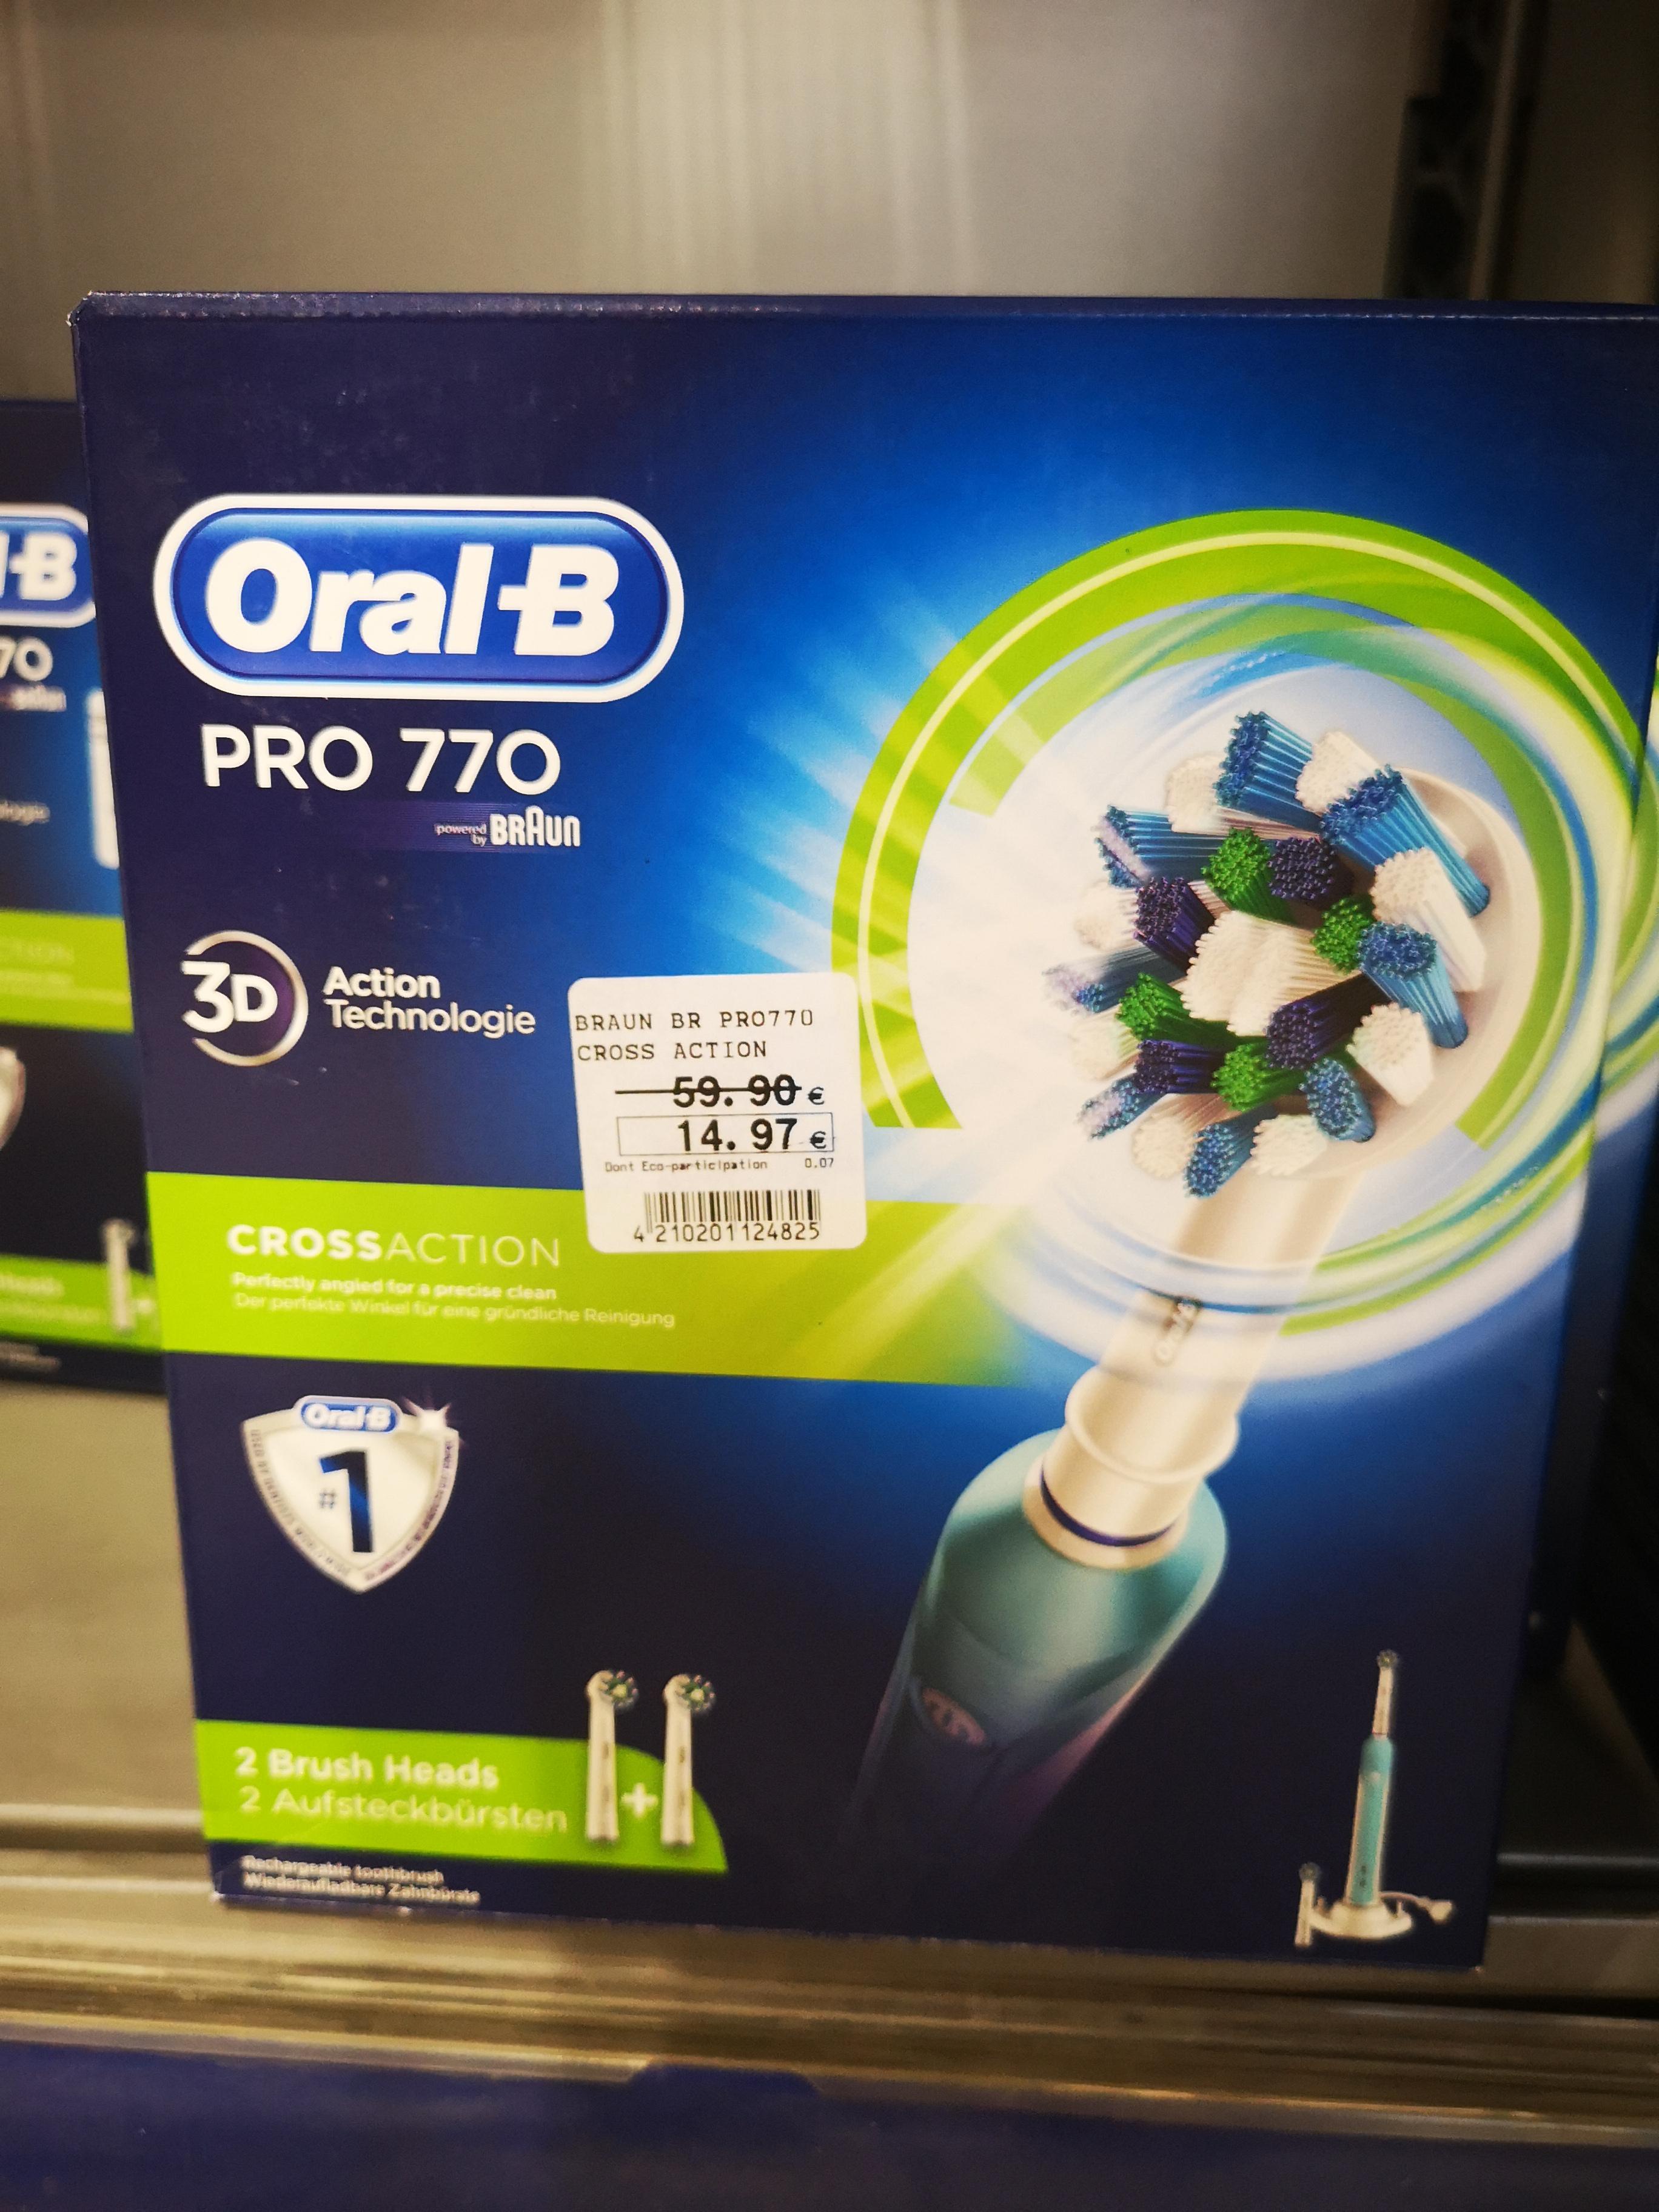 Brosse à dents électrique rechargeable Oral-B Pro 770 CrossAction - Wintzenheim (68)